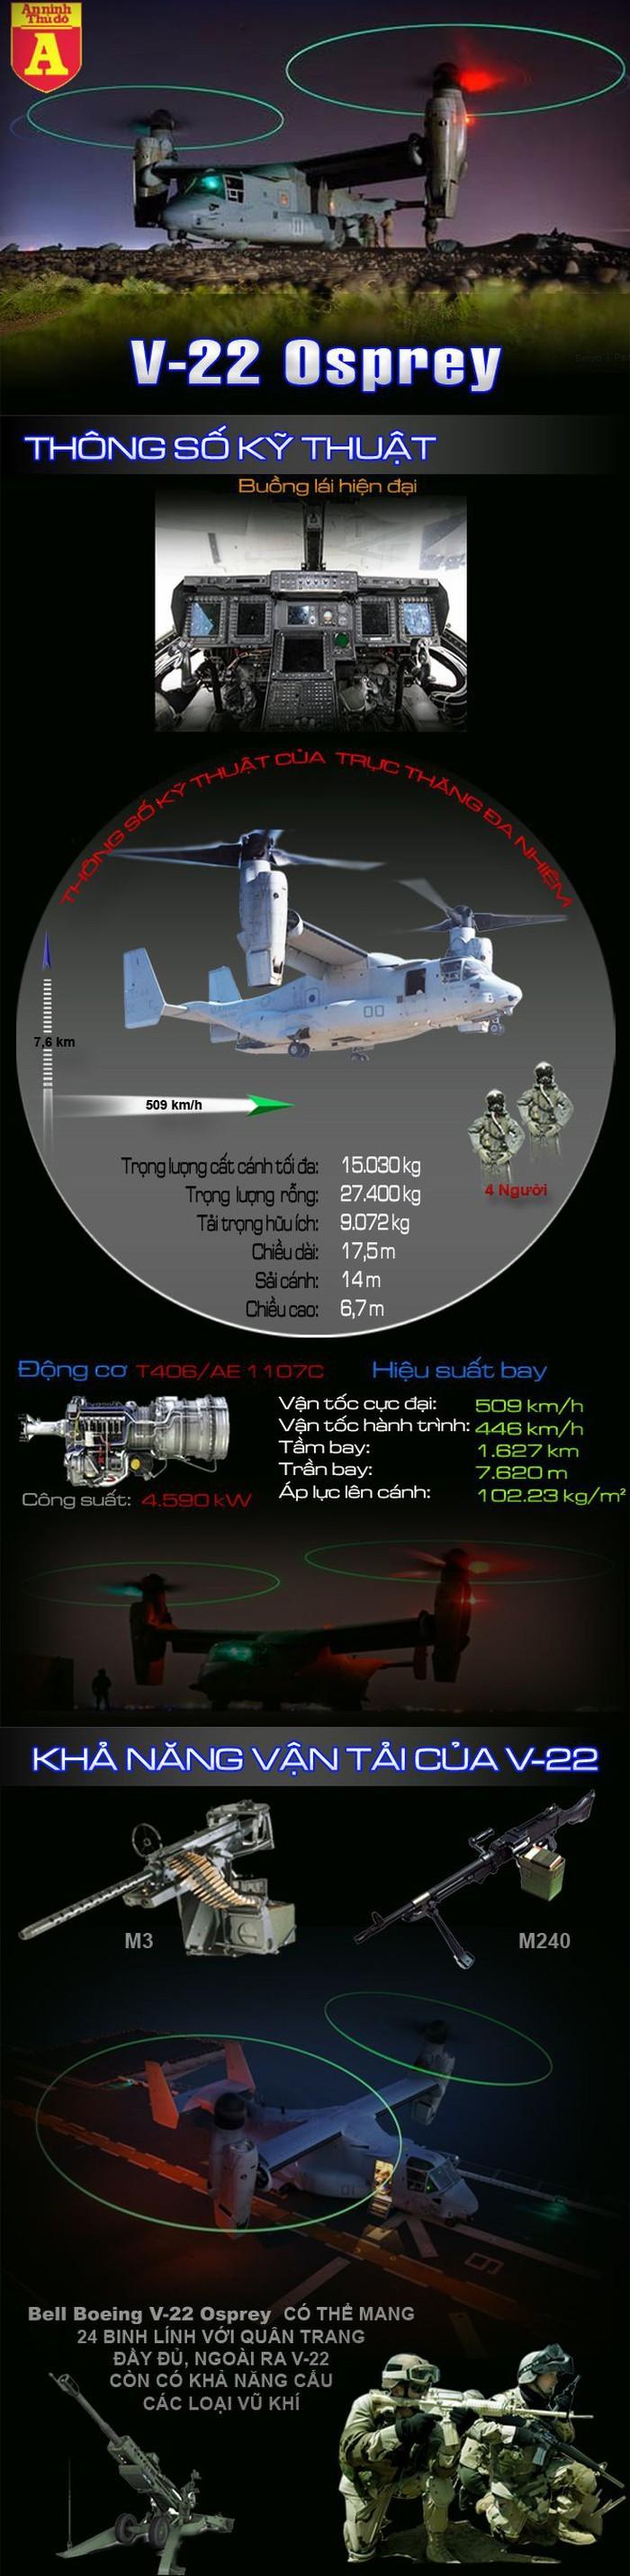 [Info] 'Chim ưng biển' siêu dị V-22 sẽ giúp Nhật Bản chiếm ưu thế trong tác chiến biển đảo ảnh 2